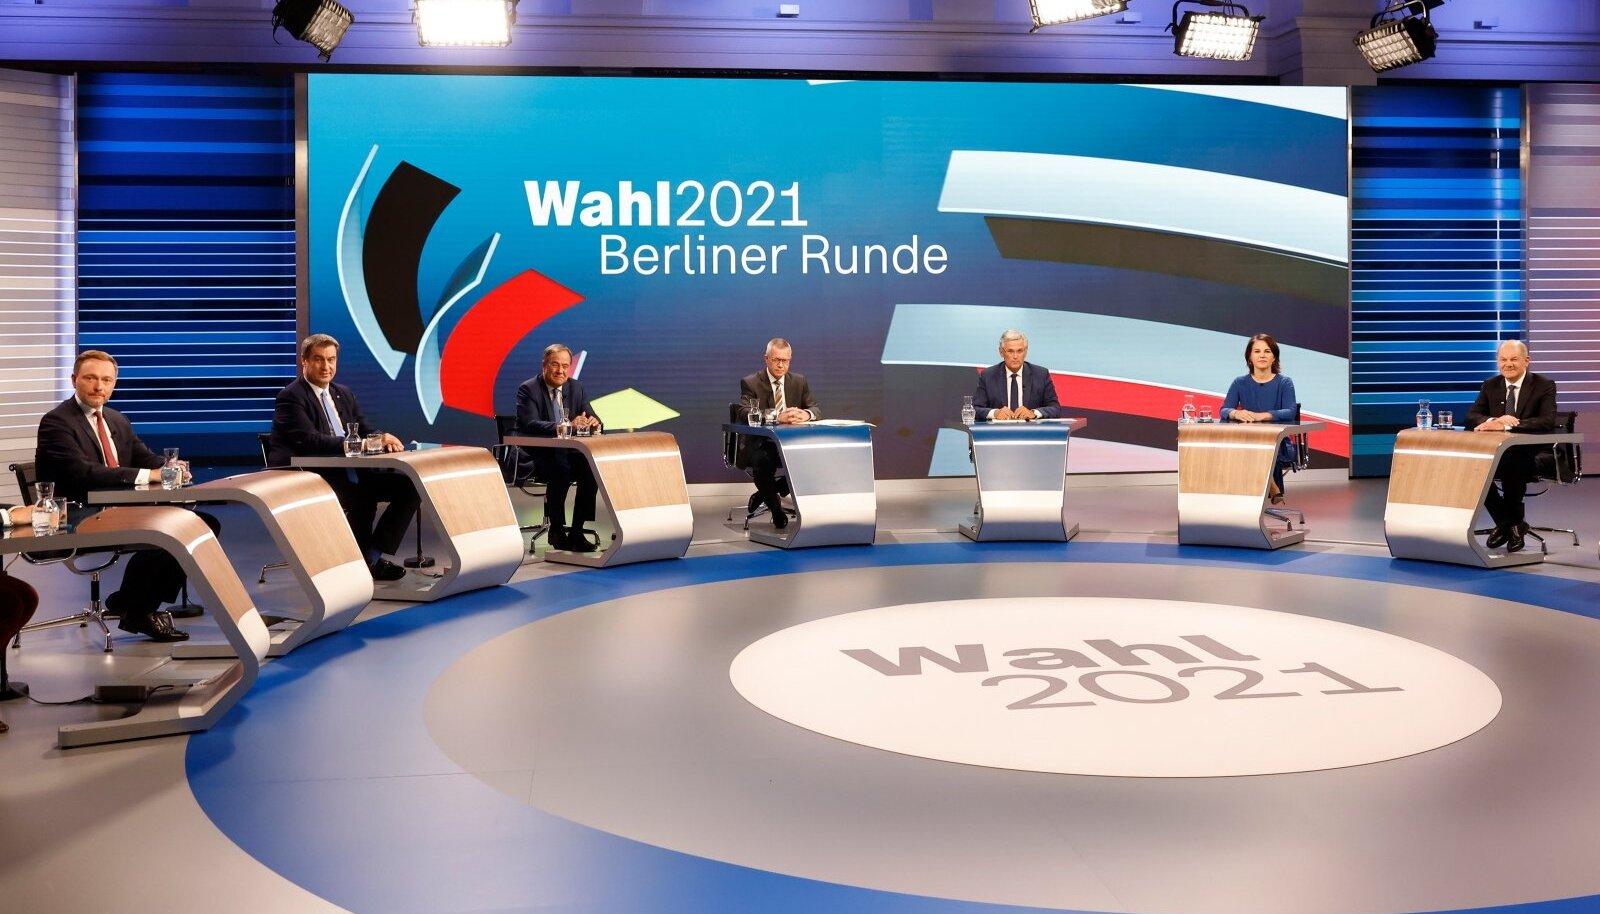 Berliner Runde: Saksa parteiliidrite traditsiooniline valimistejärgne telearutelu